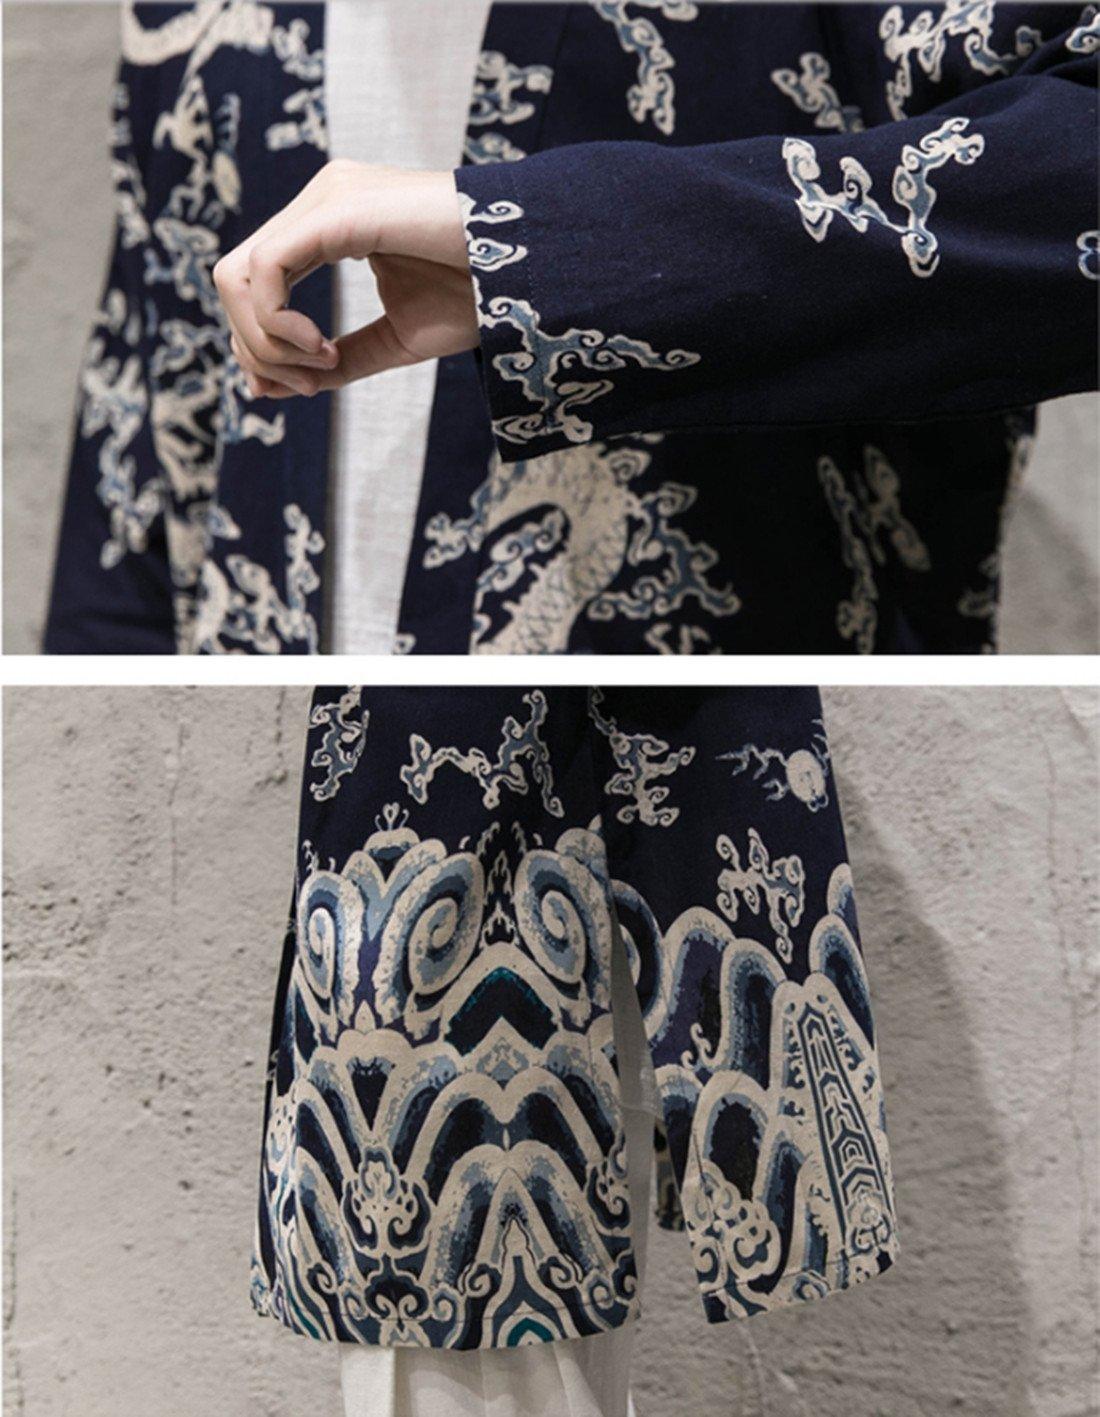 Hzcx Fashion Men's Cotton Linen Blends Vintage Cloak Open Front Coat DSC229-F25-65-DR-US XL TAG 5XL